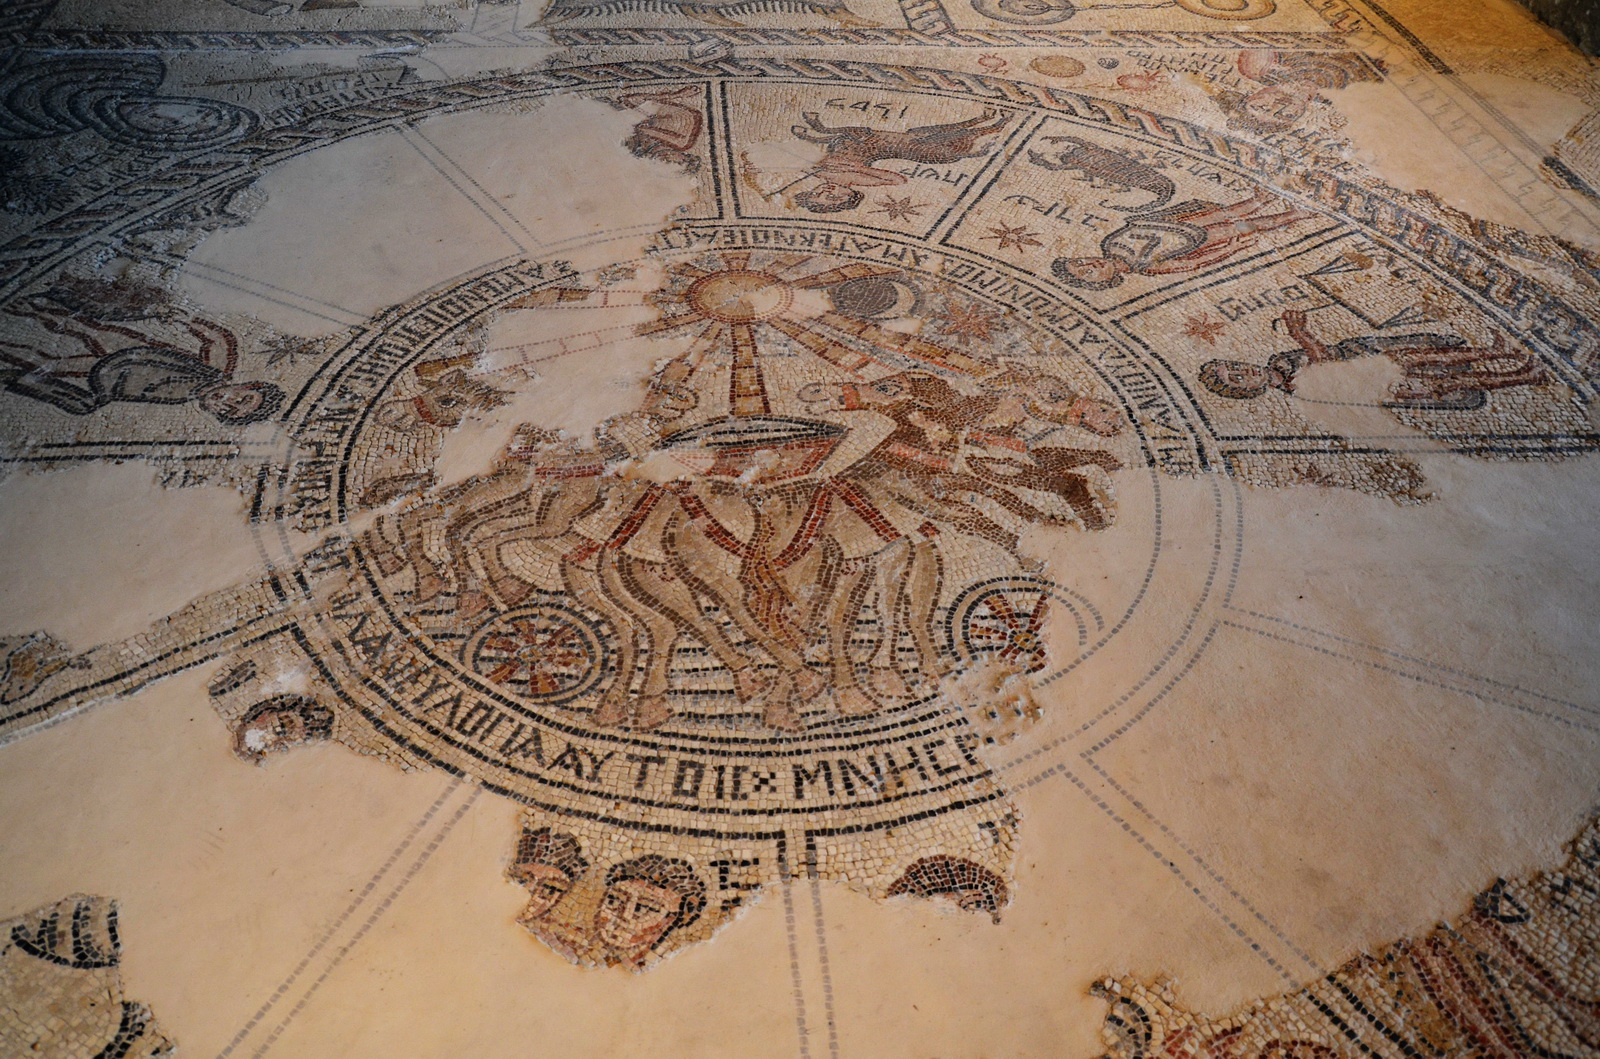 ציפורי - פסיפס בית הכנסת - גלגל המזלות כולו